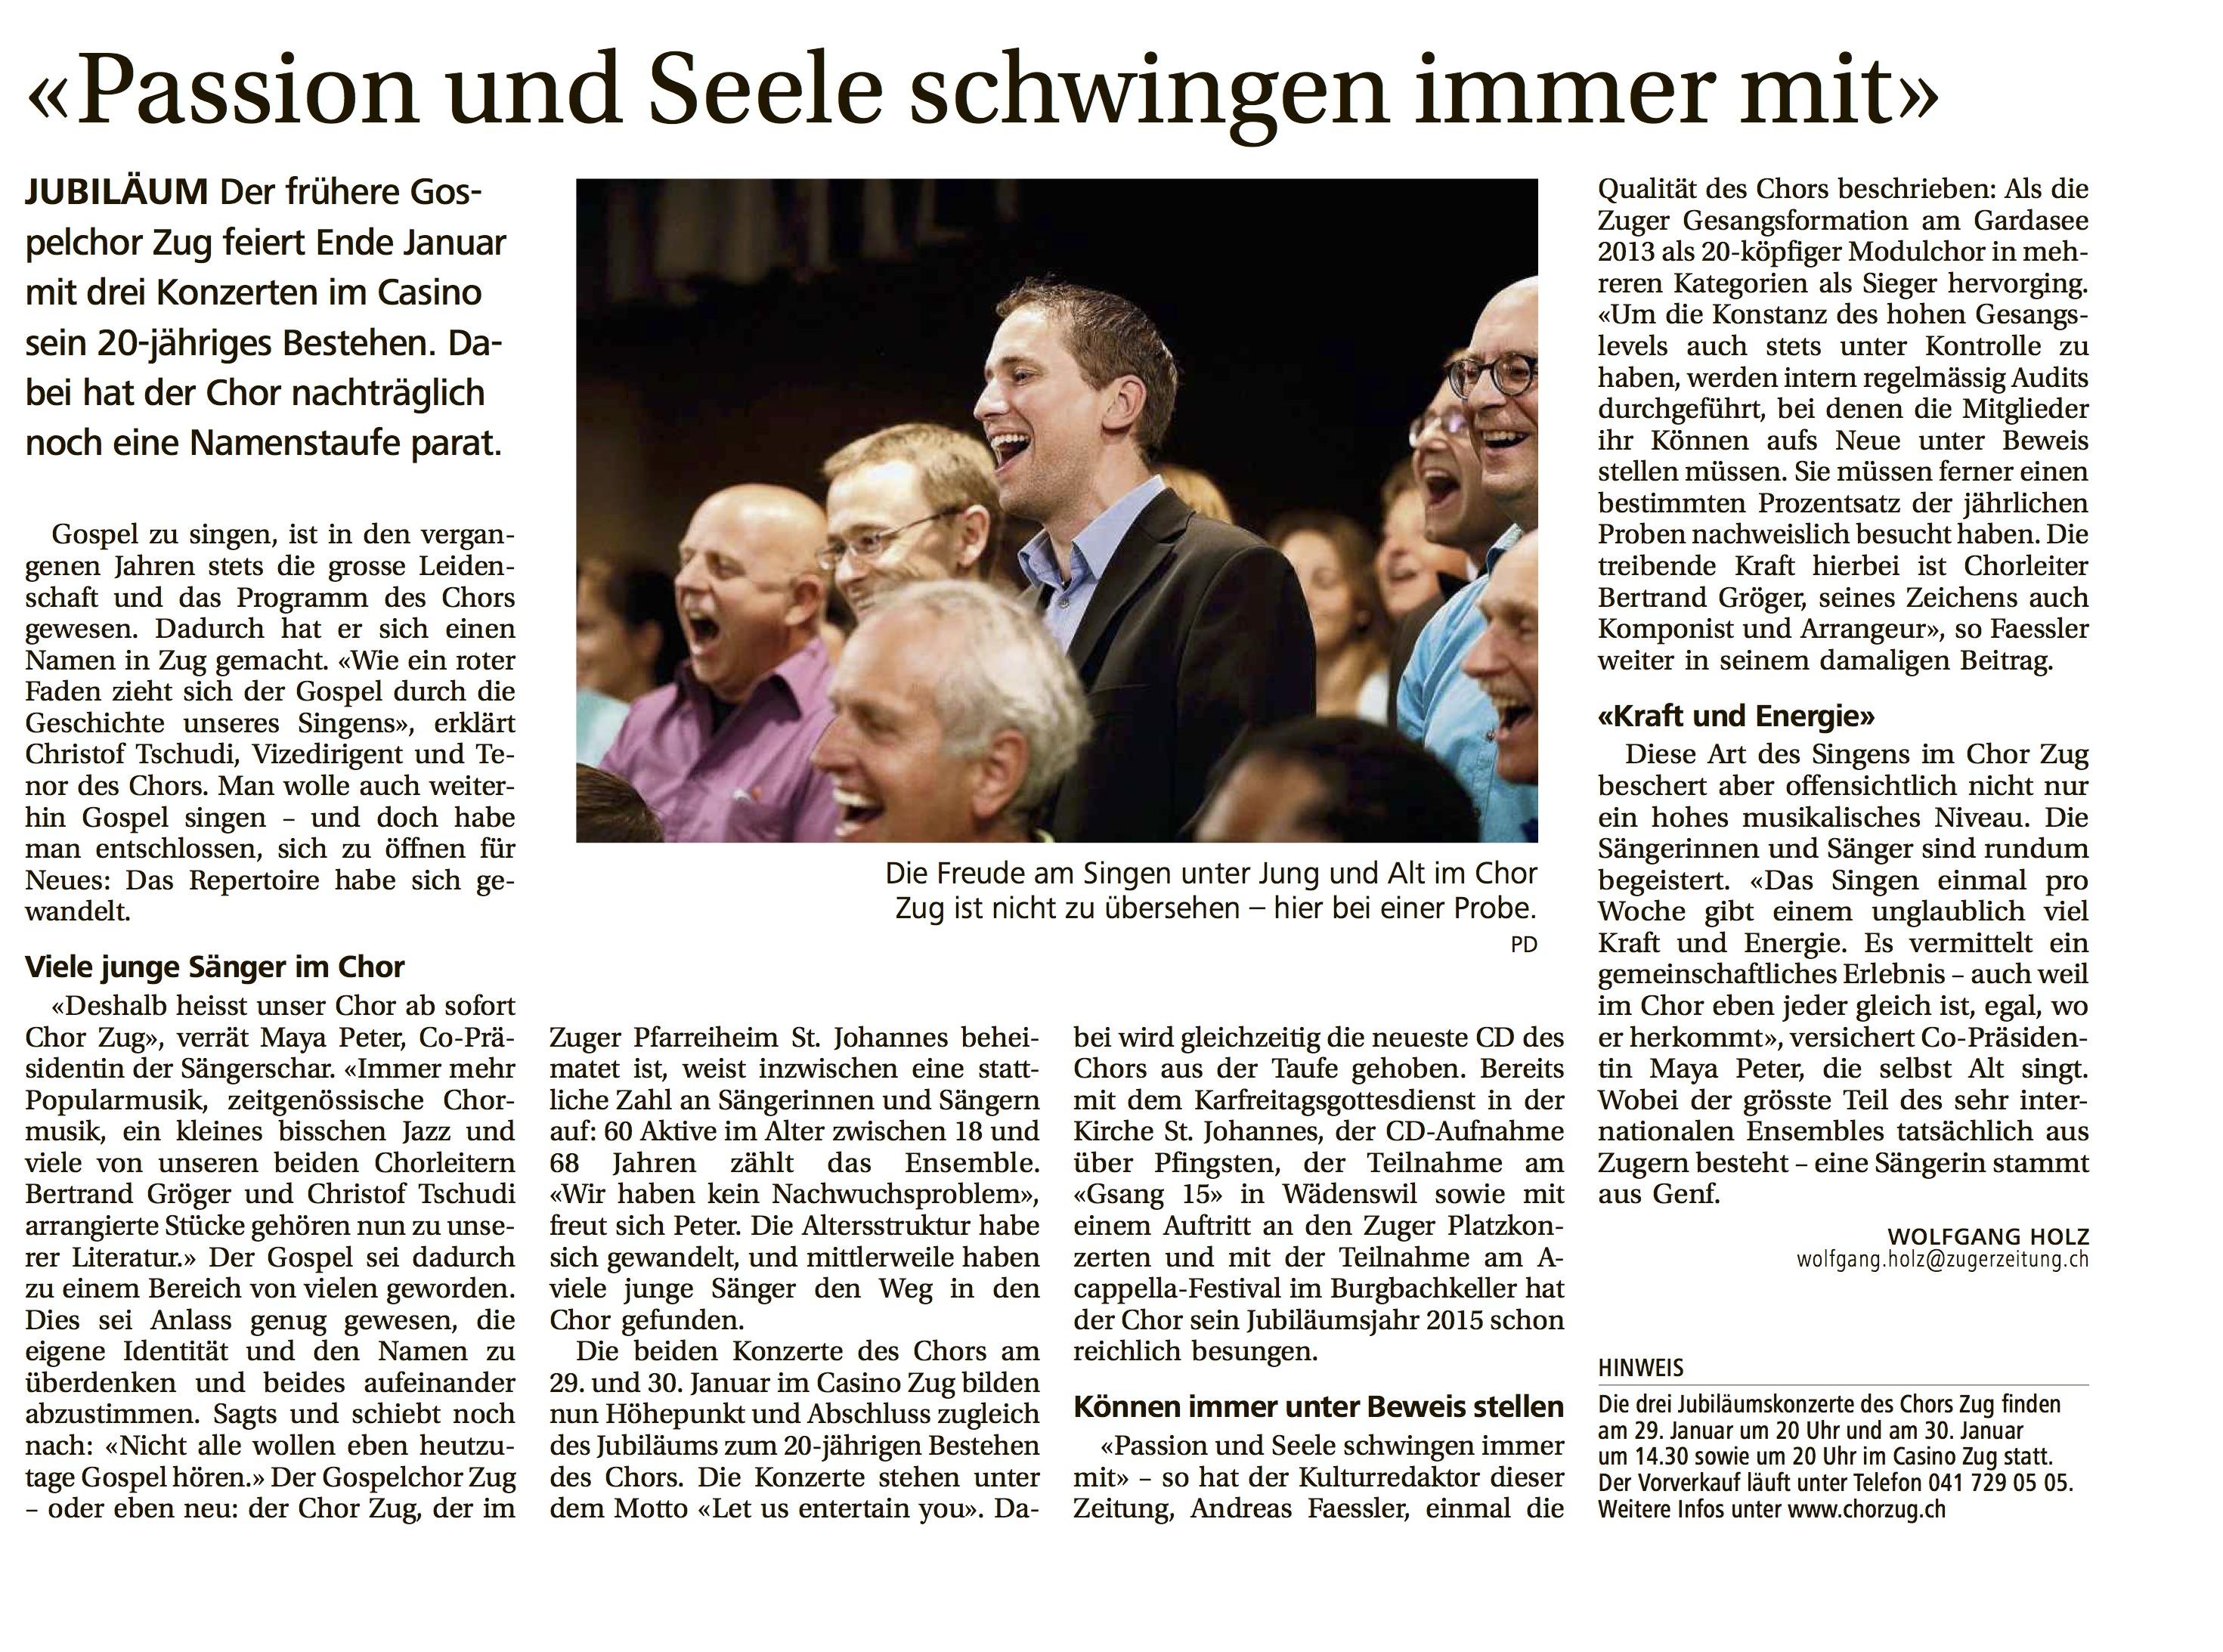 Neue Zuger Zeitung am 7.1.2016